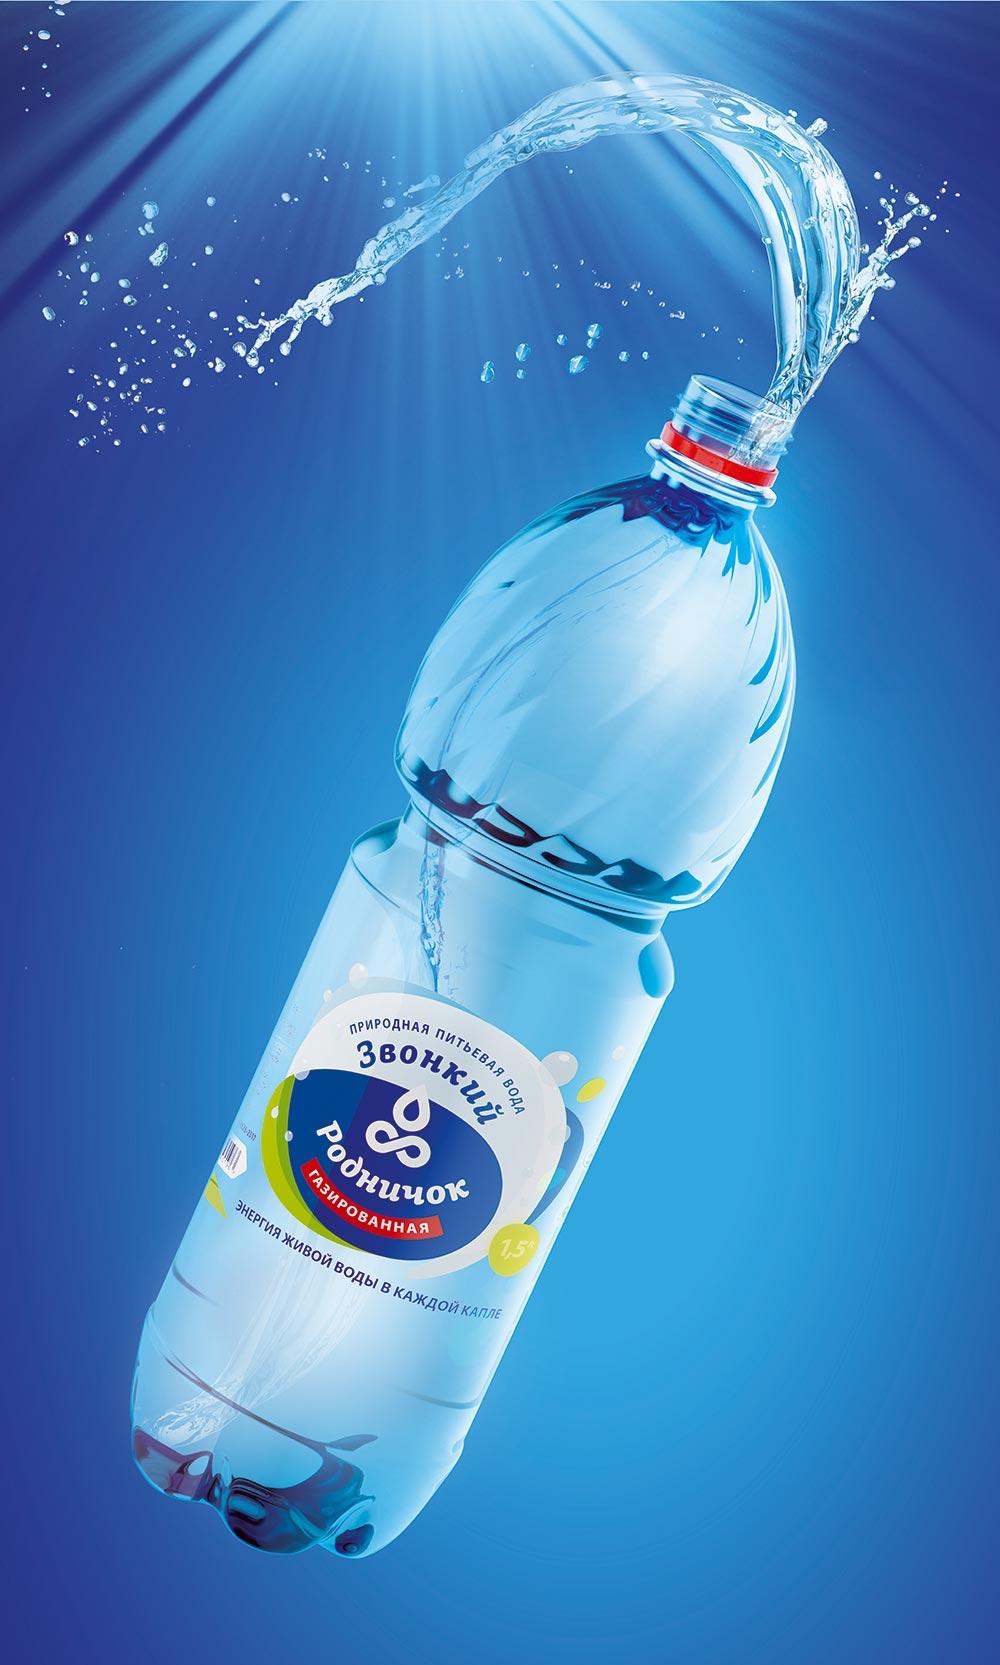 дизайн бутылки минеральной воды